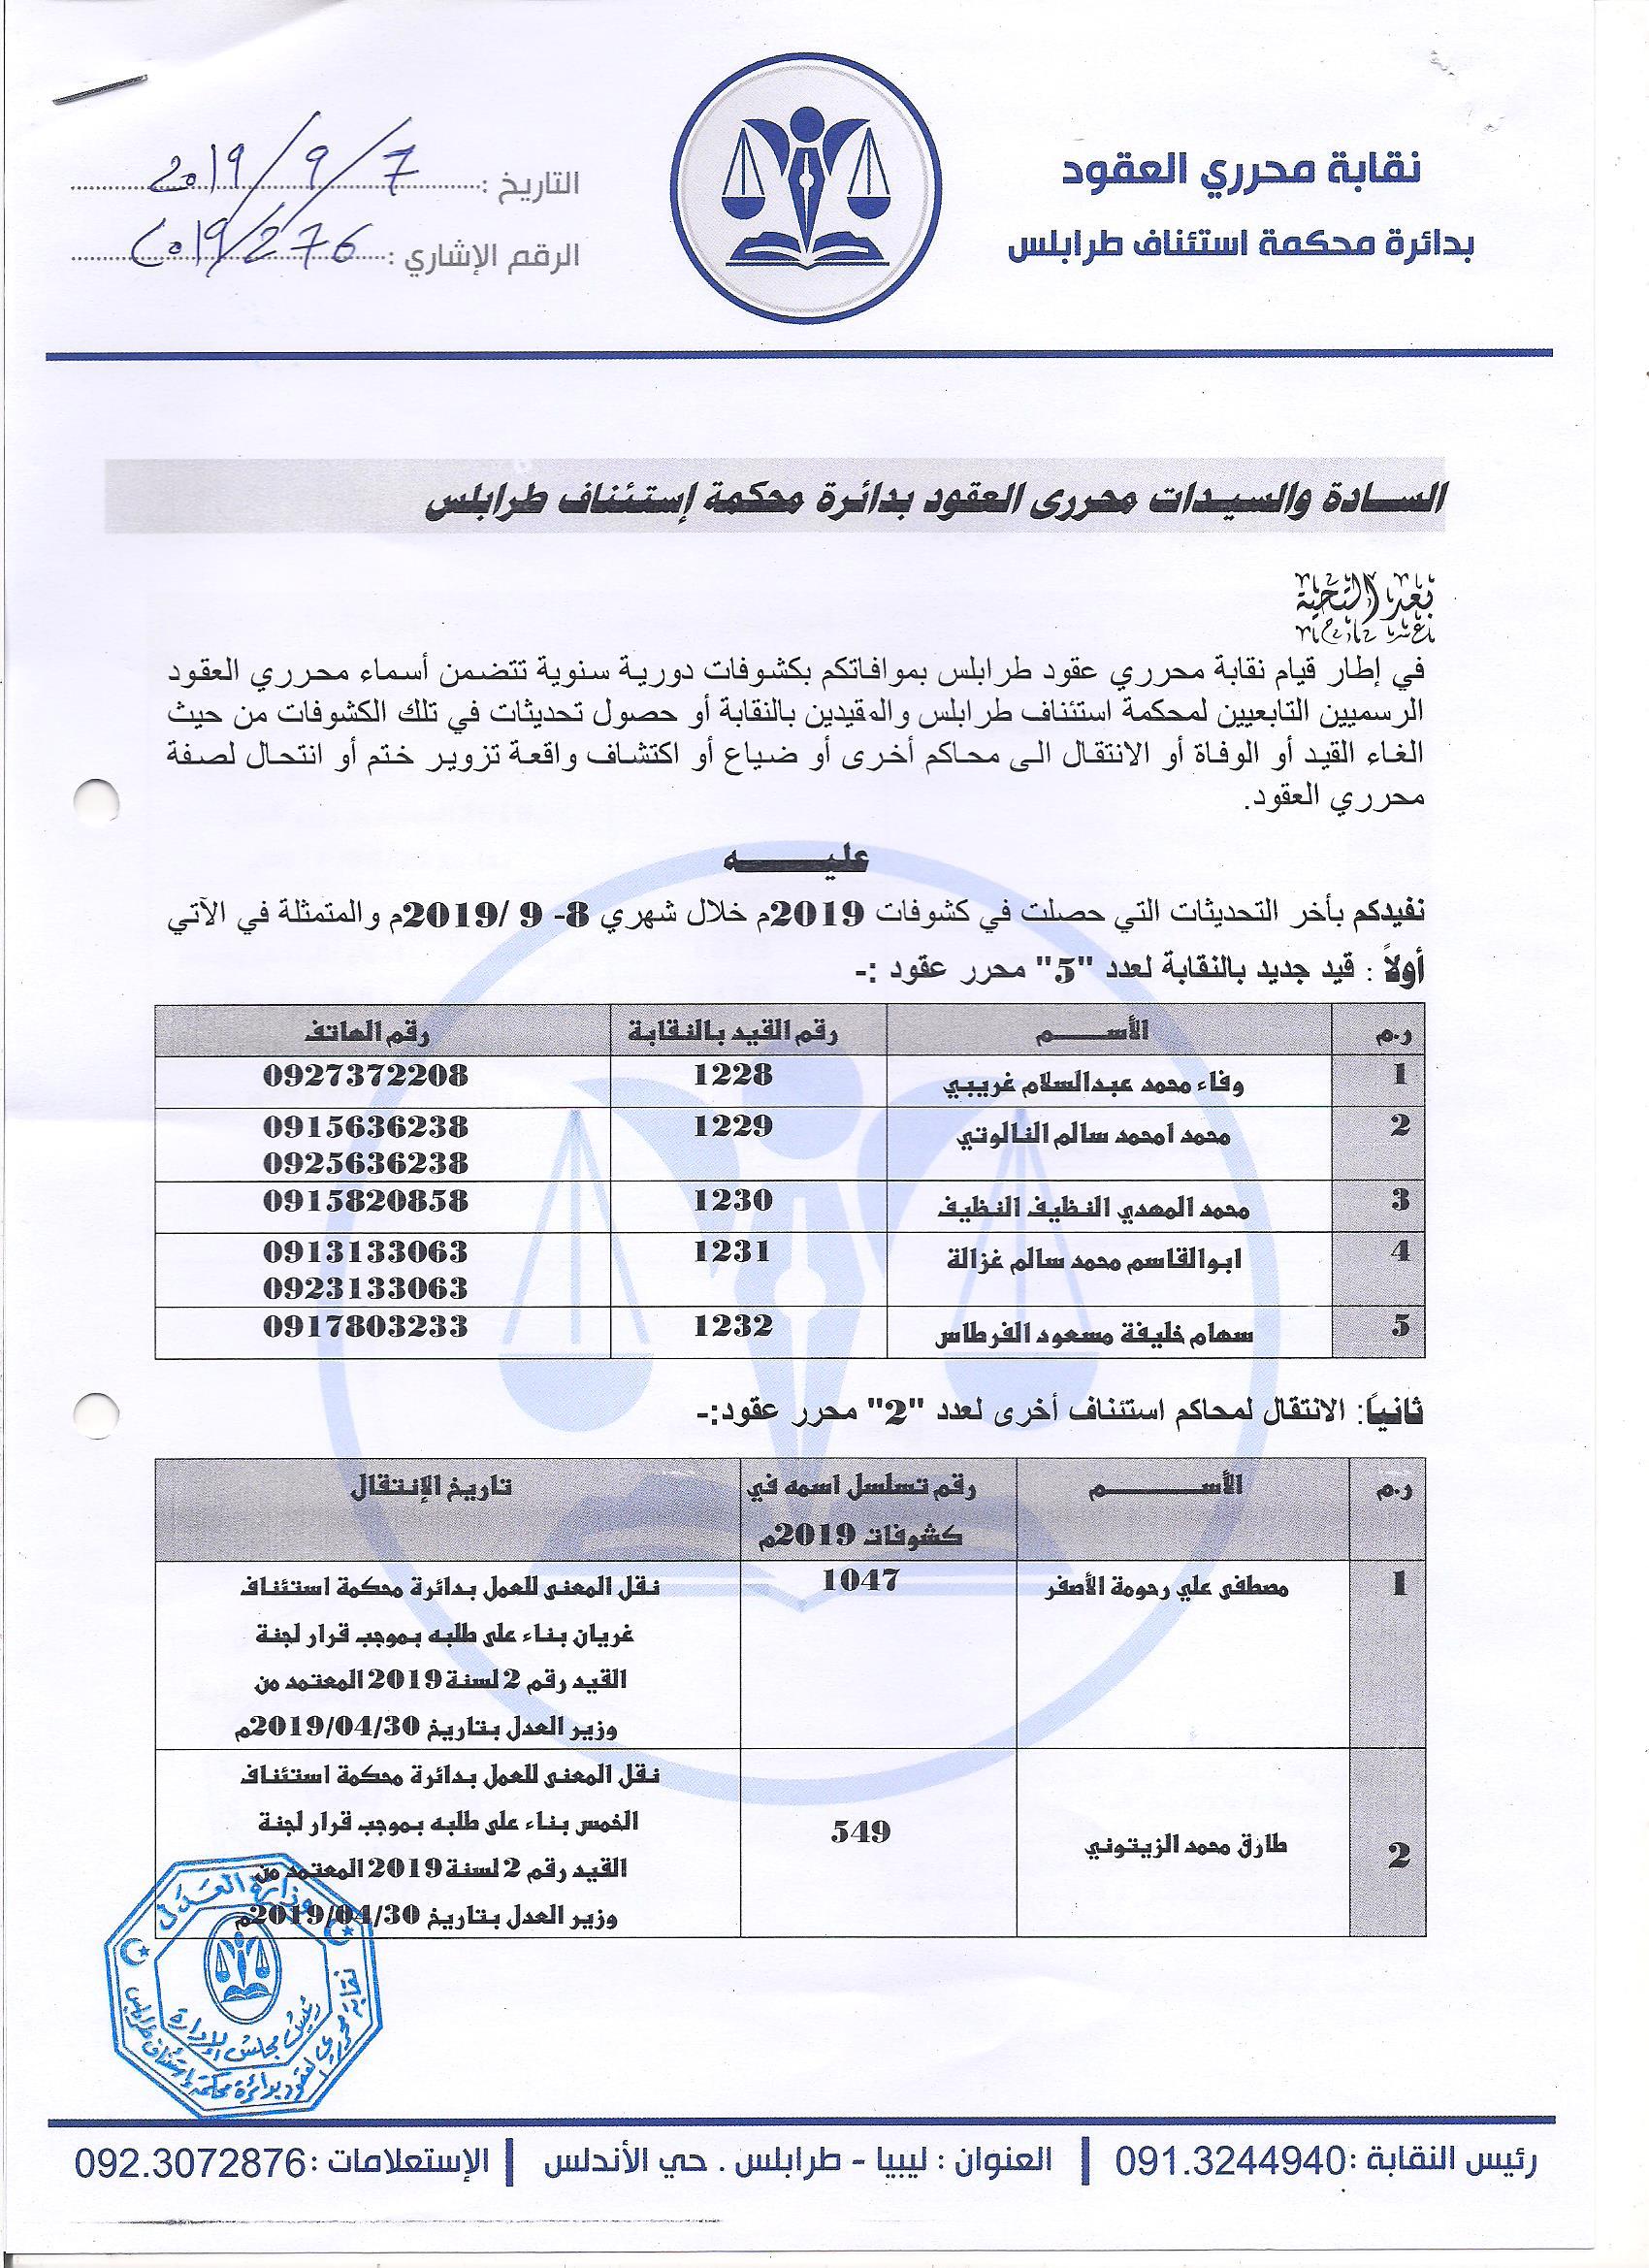 اعــــــــلان بتاريخ 7/9/2019 م